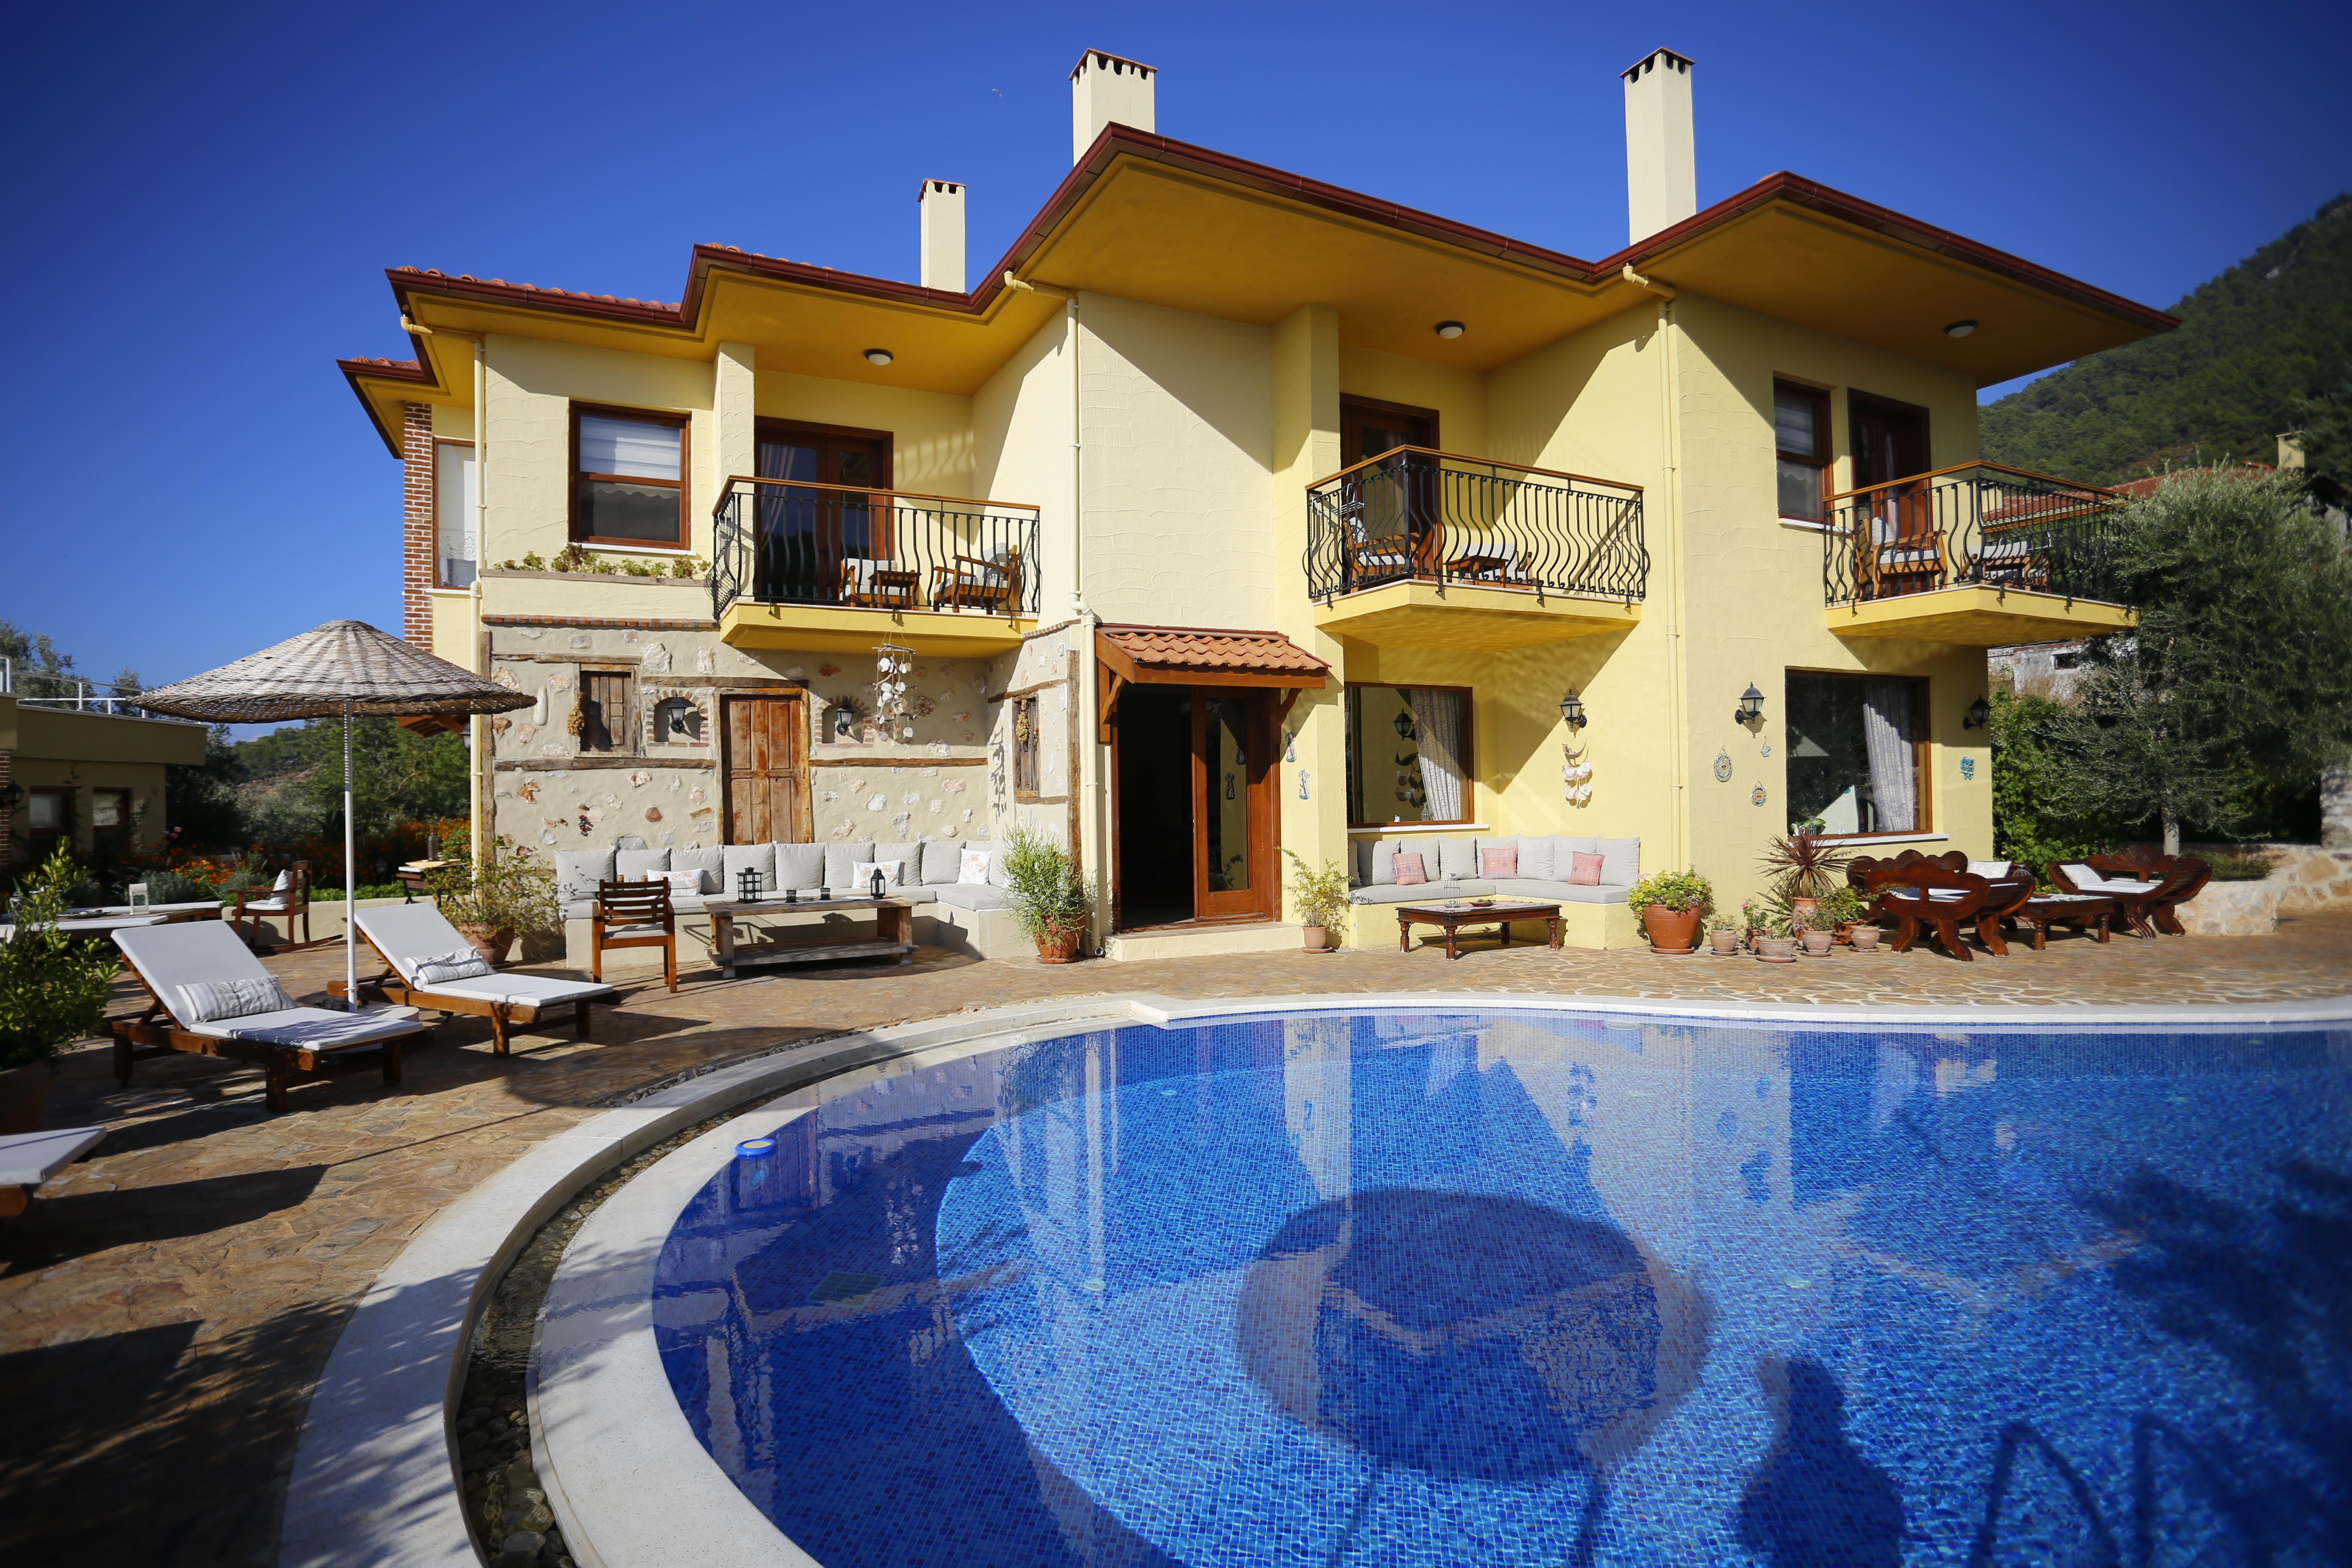 Appartement de vacances Luxurise Unterkunft und persnliches Ambiente in unzerstrter Natur (2124814), Fethiye, , Région Egéenne, Turquie, image 1